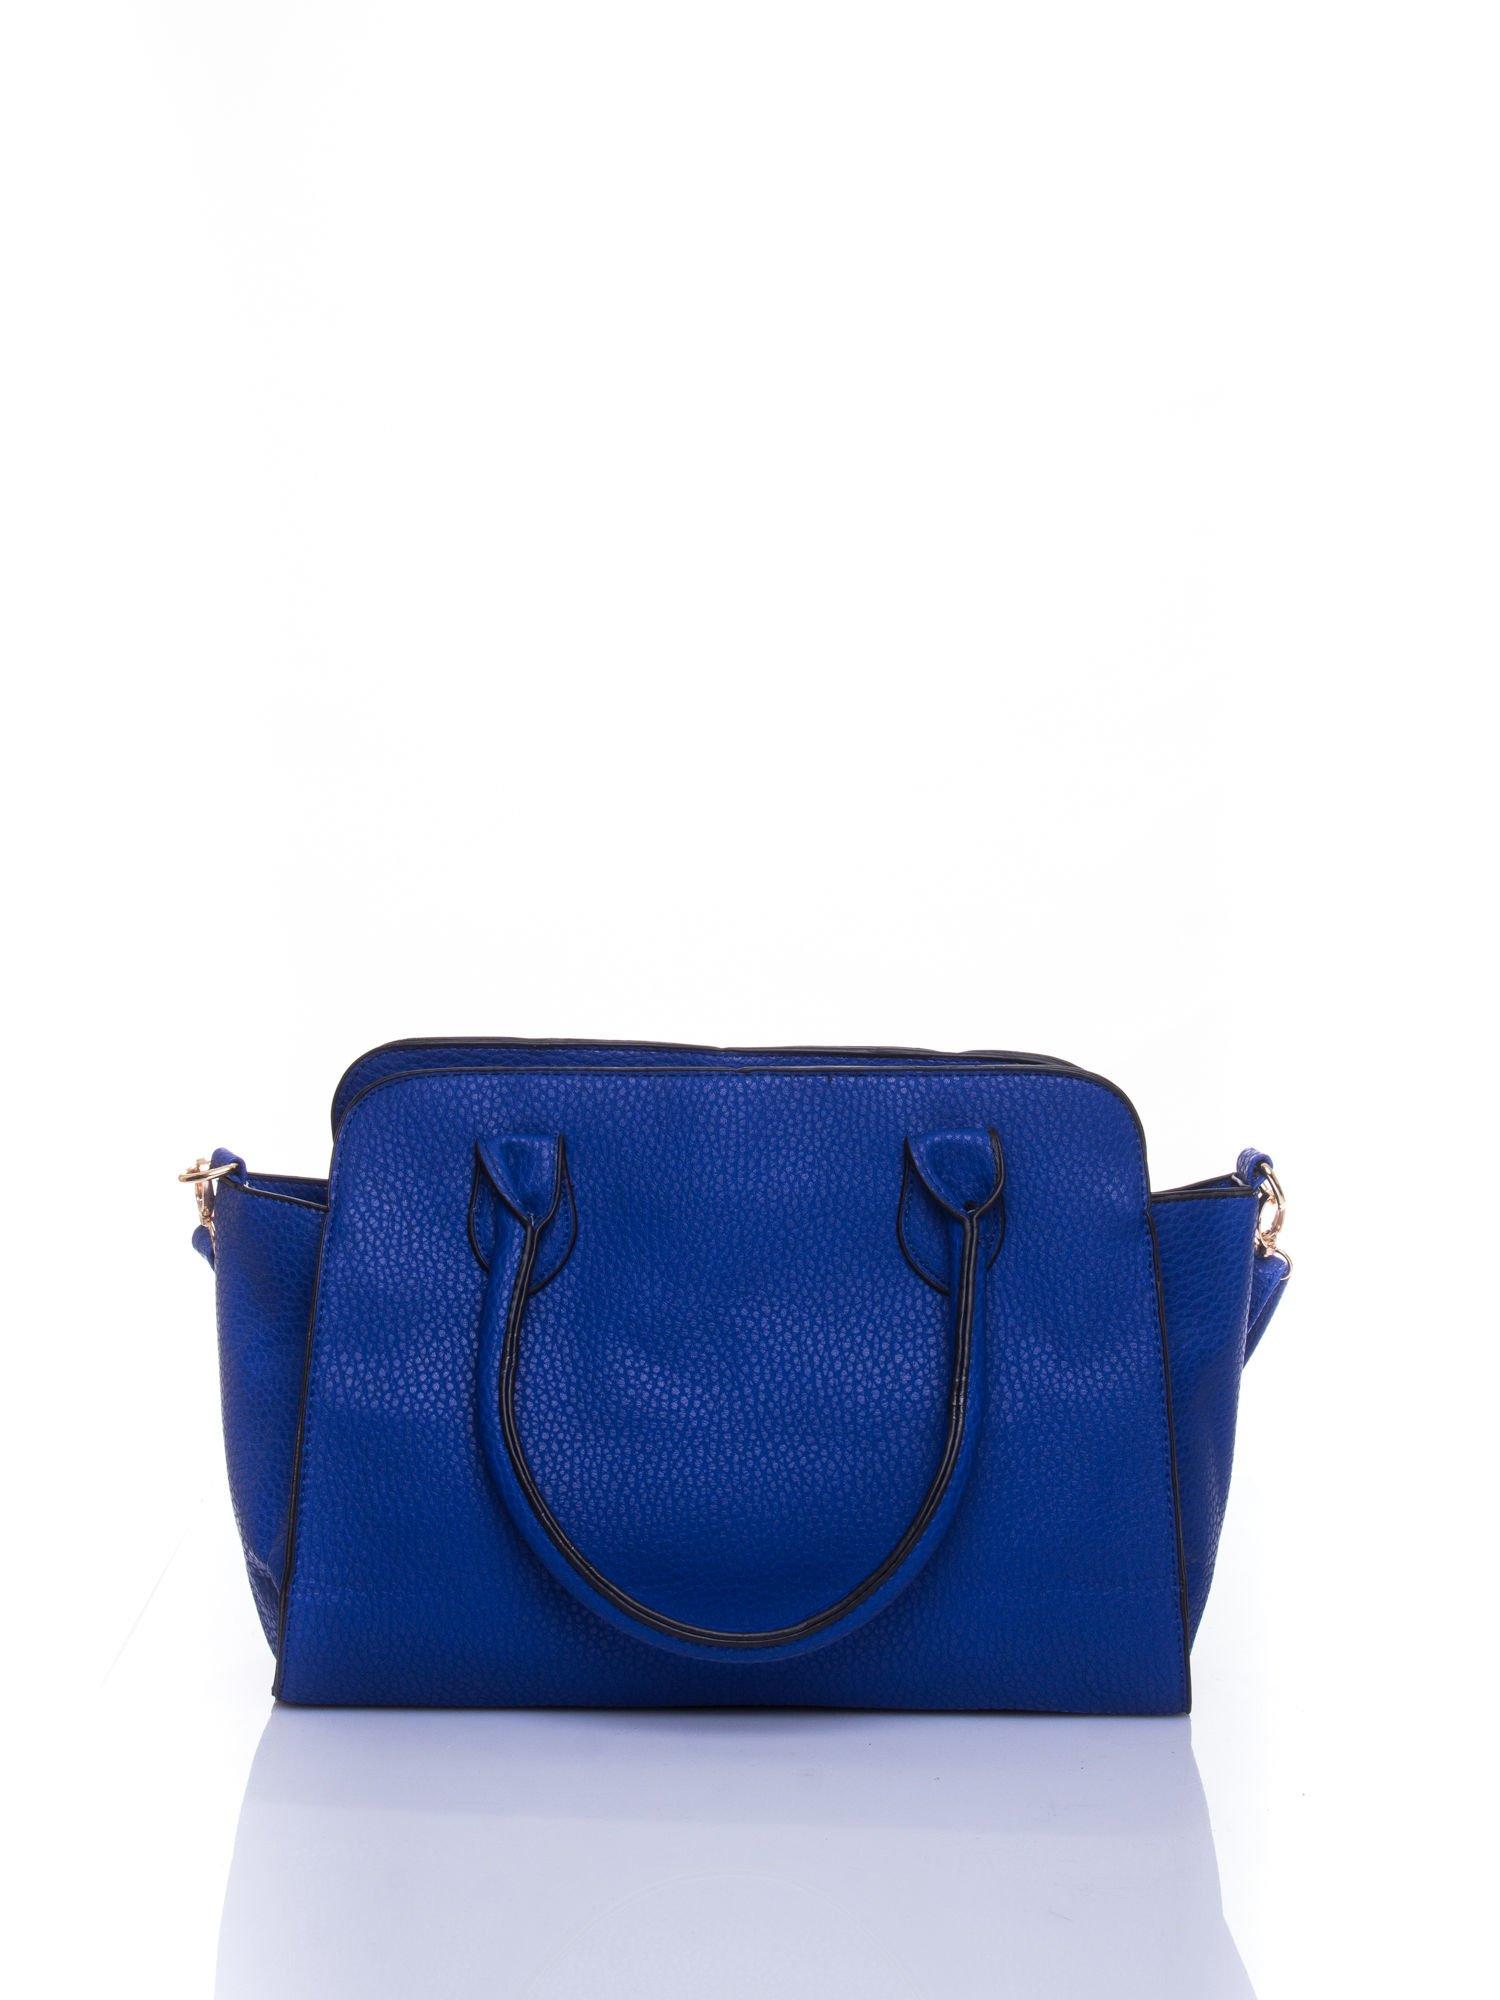 Niebieska torba shopper bag z zawieszką                                  zdj.                                  3